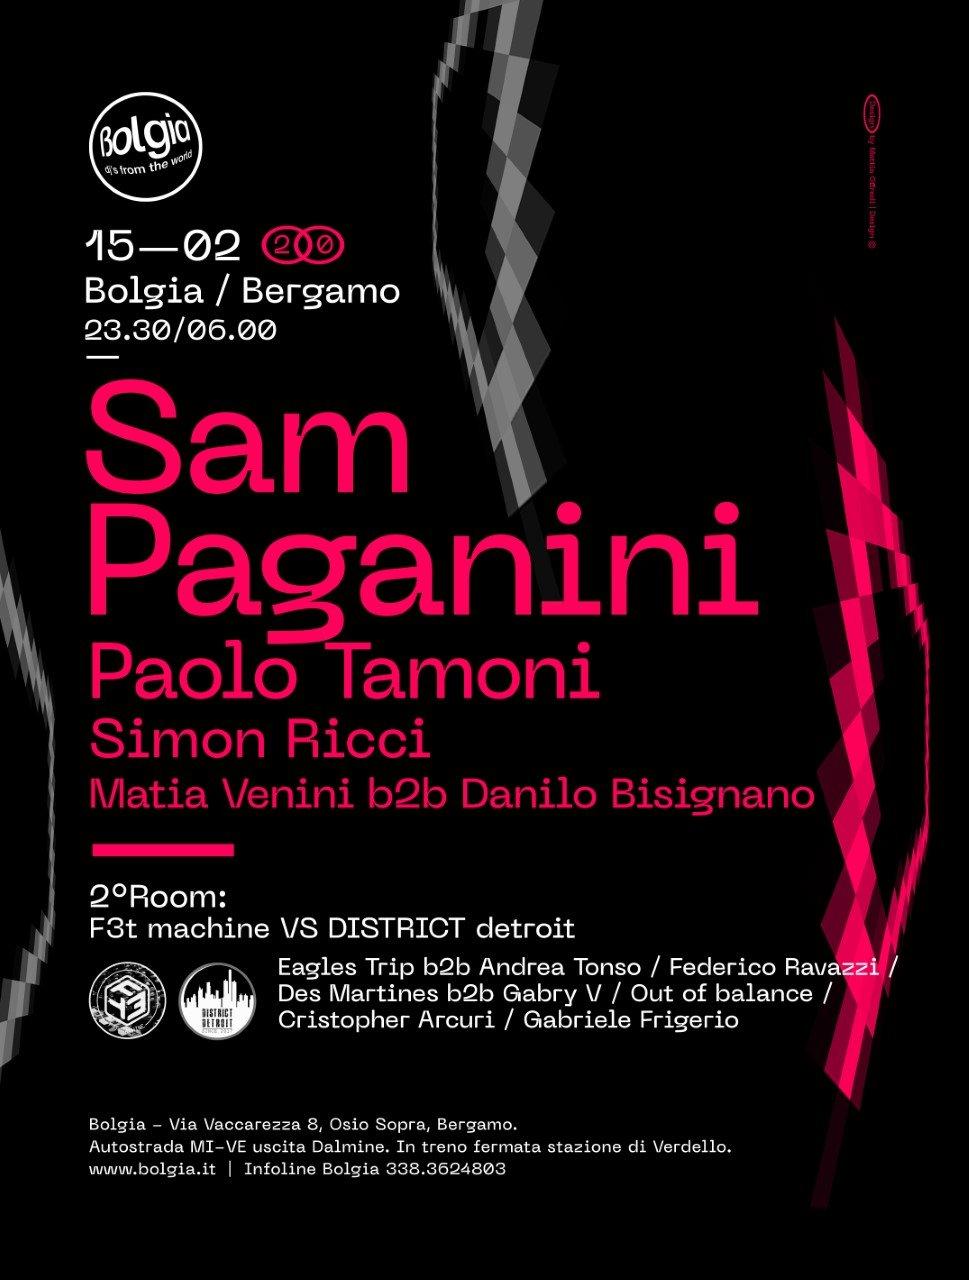 Sam Paganini @ Bolgia BG